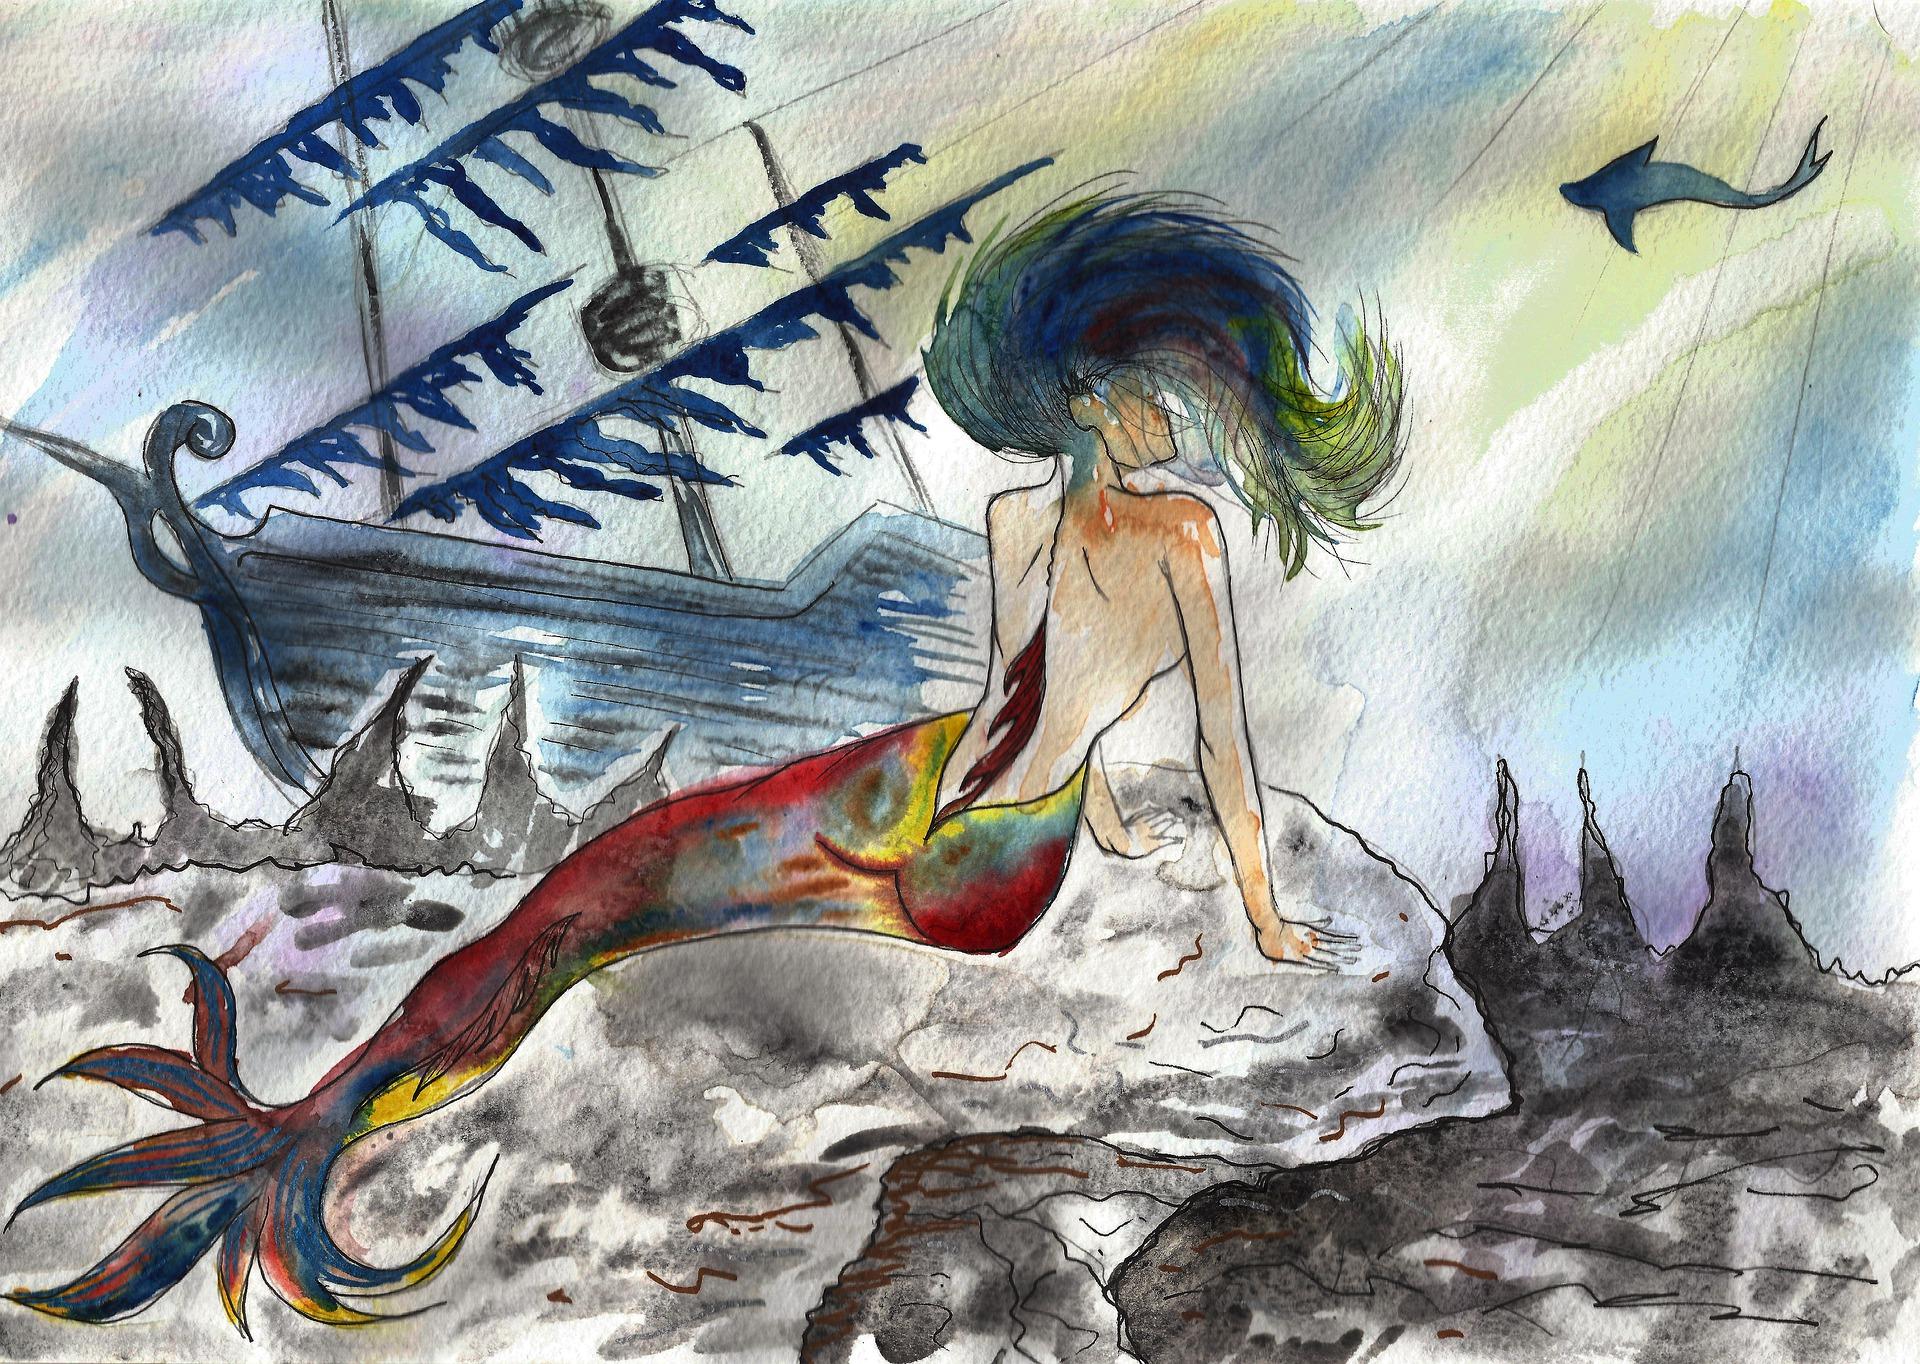 mermaid-4452094_1920.jpg